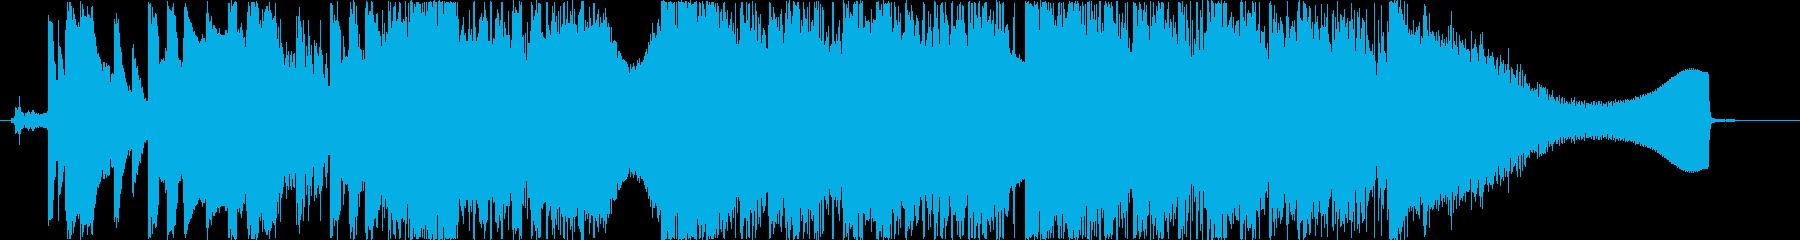 スピード感のあるロックの再生済みの波形